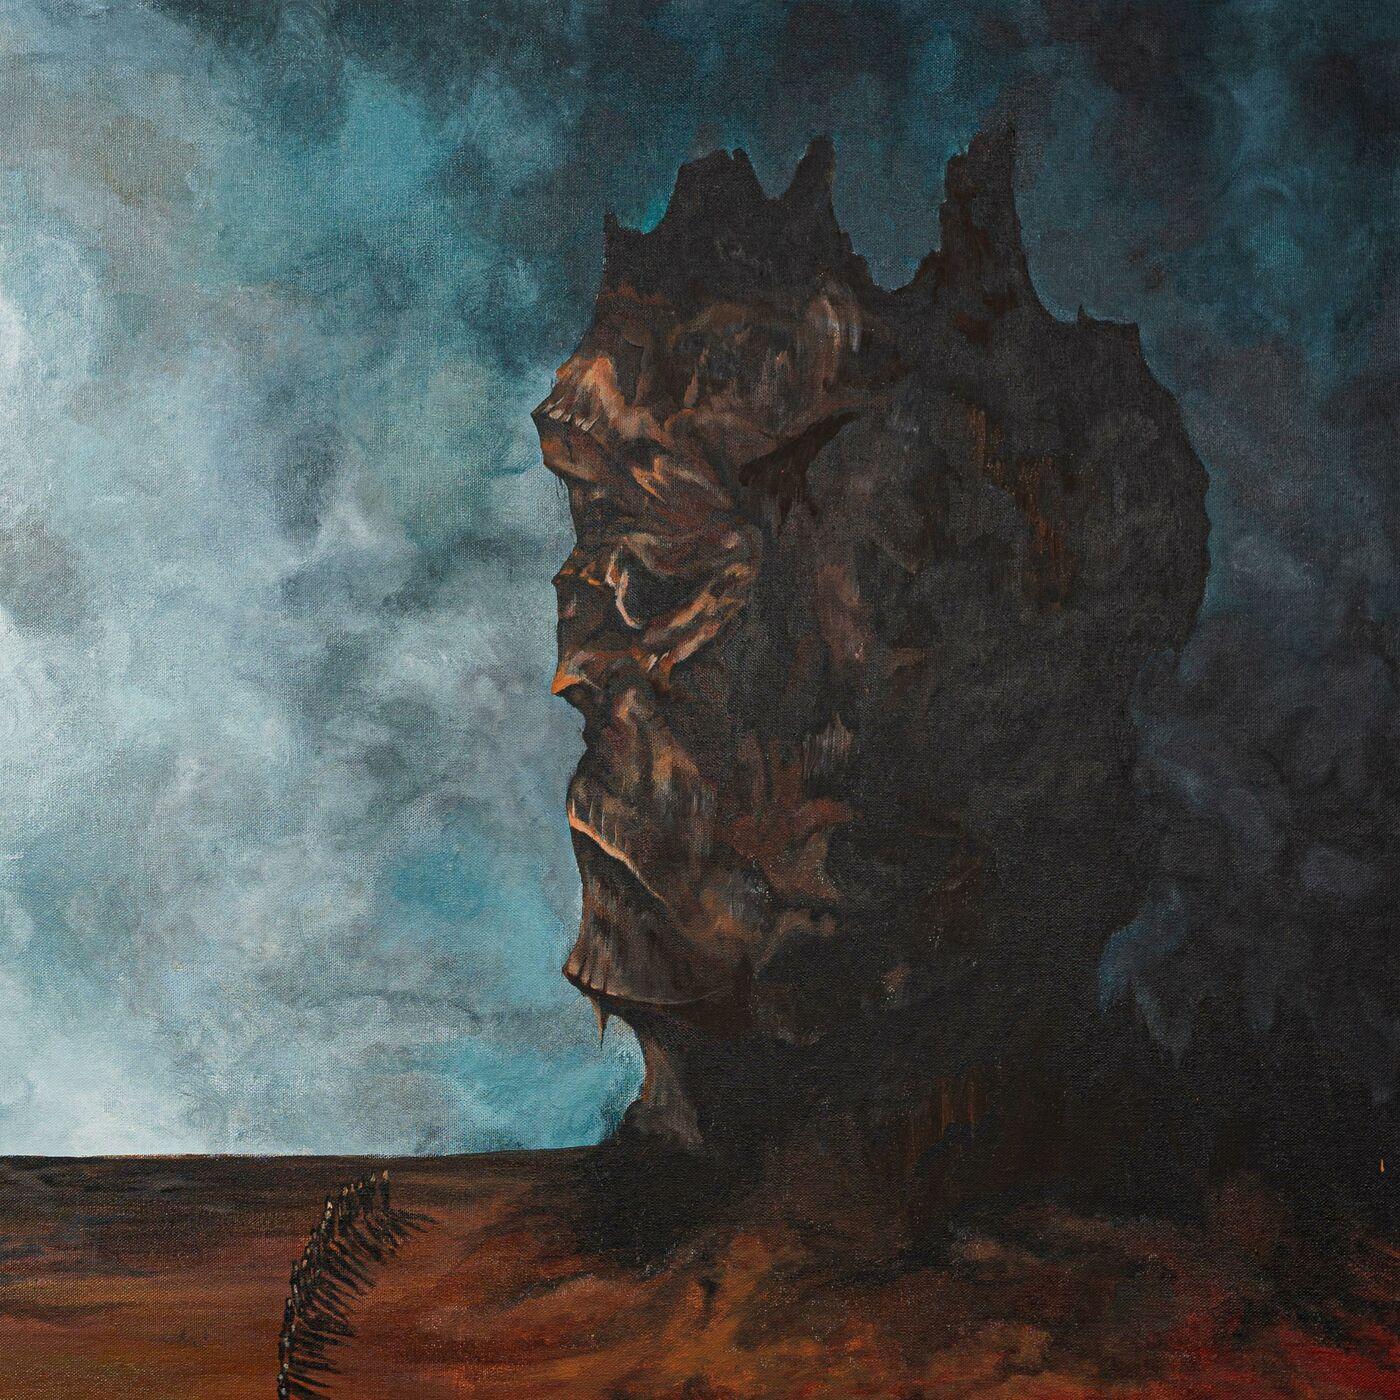 Monolith - No Saints No Solace (2020)